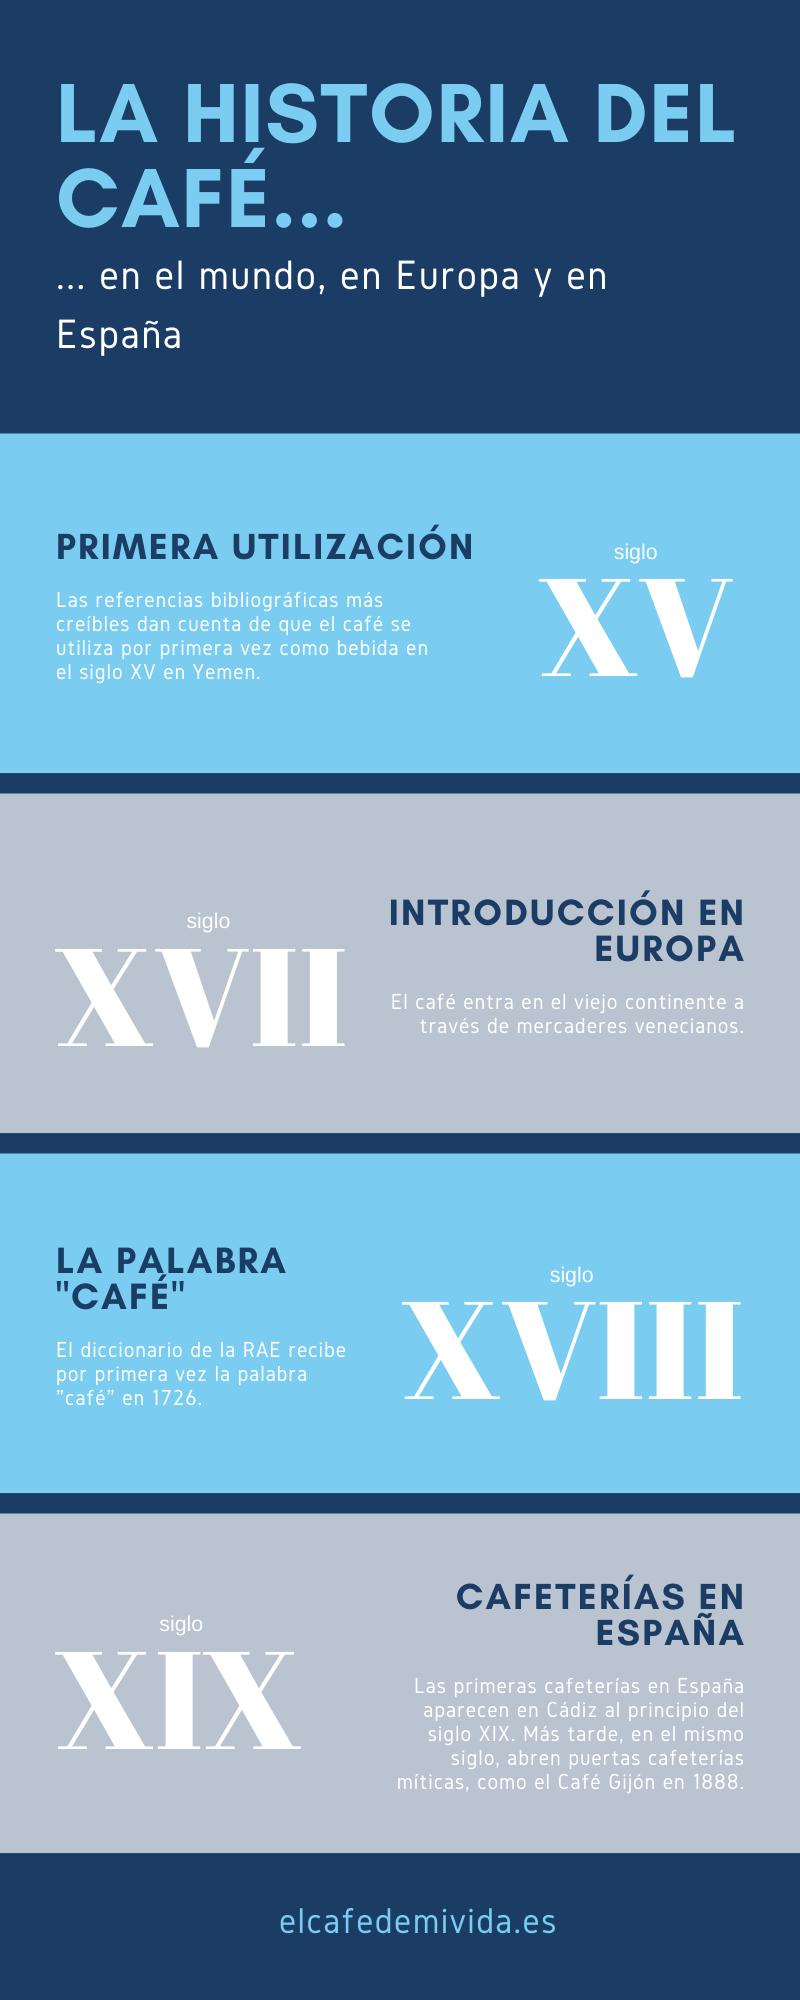 La historia del café - infografía